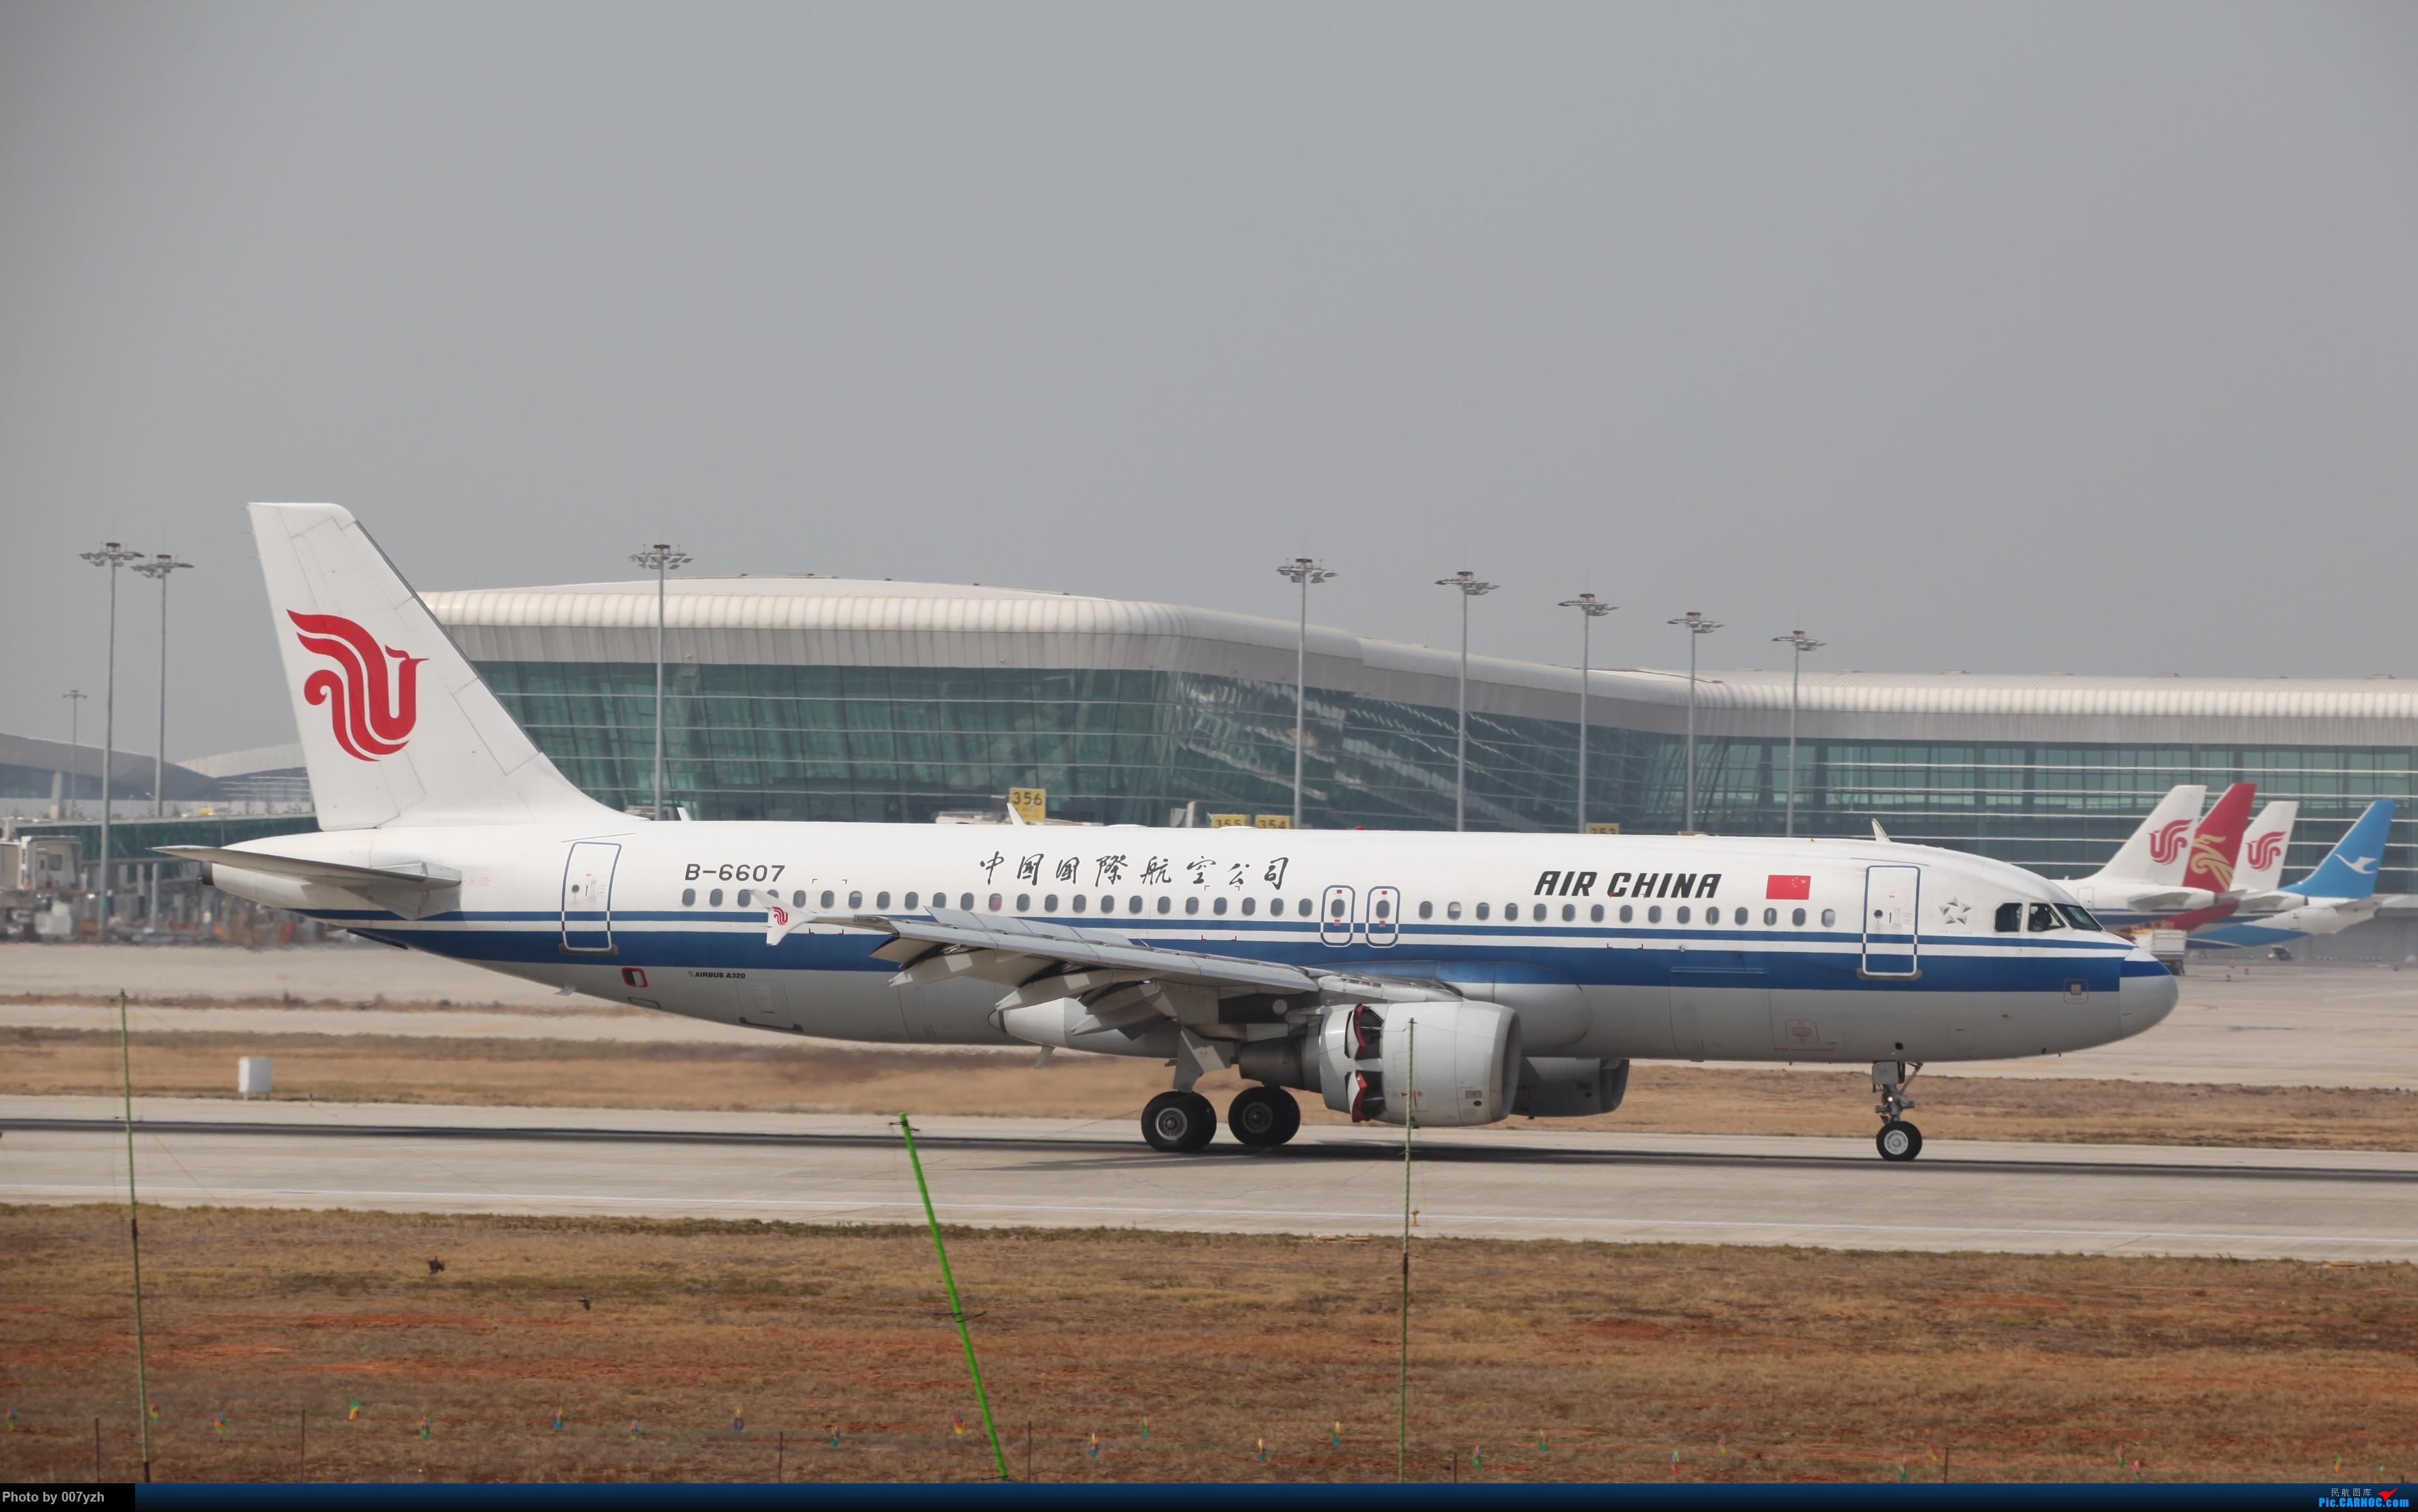 Re:[原创]WUH小拍,终于找到了在WUH拍机的组织 AIRBUS A320-200 B-6607 中国武汉天河国际机场